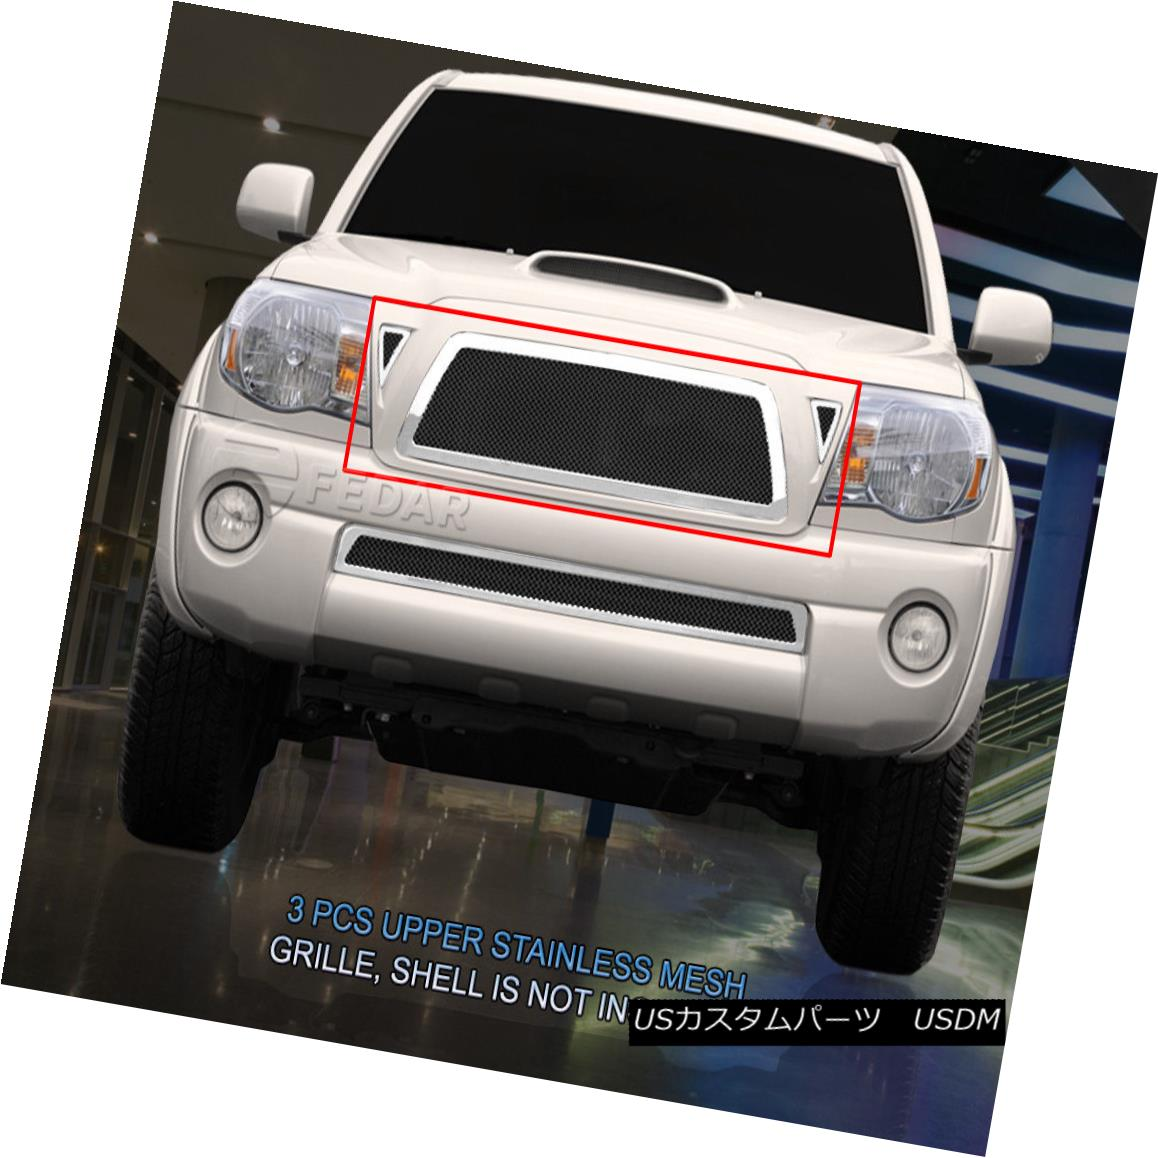 グリル Fedar Fits 2005-2010 Toyota Tacoma Black/Polished Wire Mesh Grille Combo Insert Fedarフィット2005-2010トヨタタコマブラック/ポリッシュワイヤーメッシュグリルコンボインサート